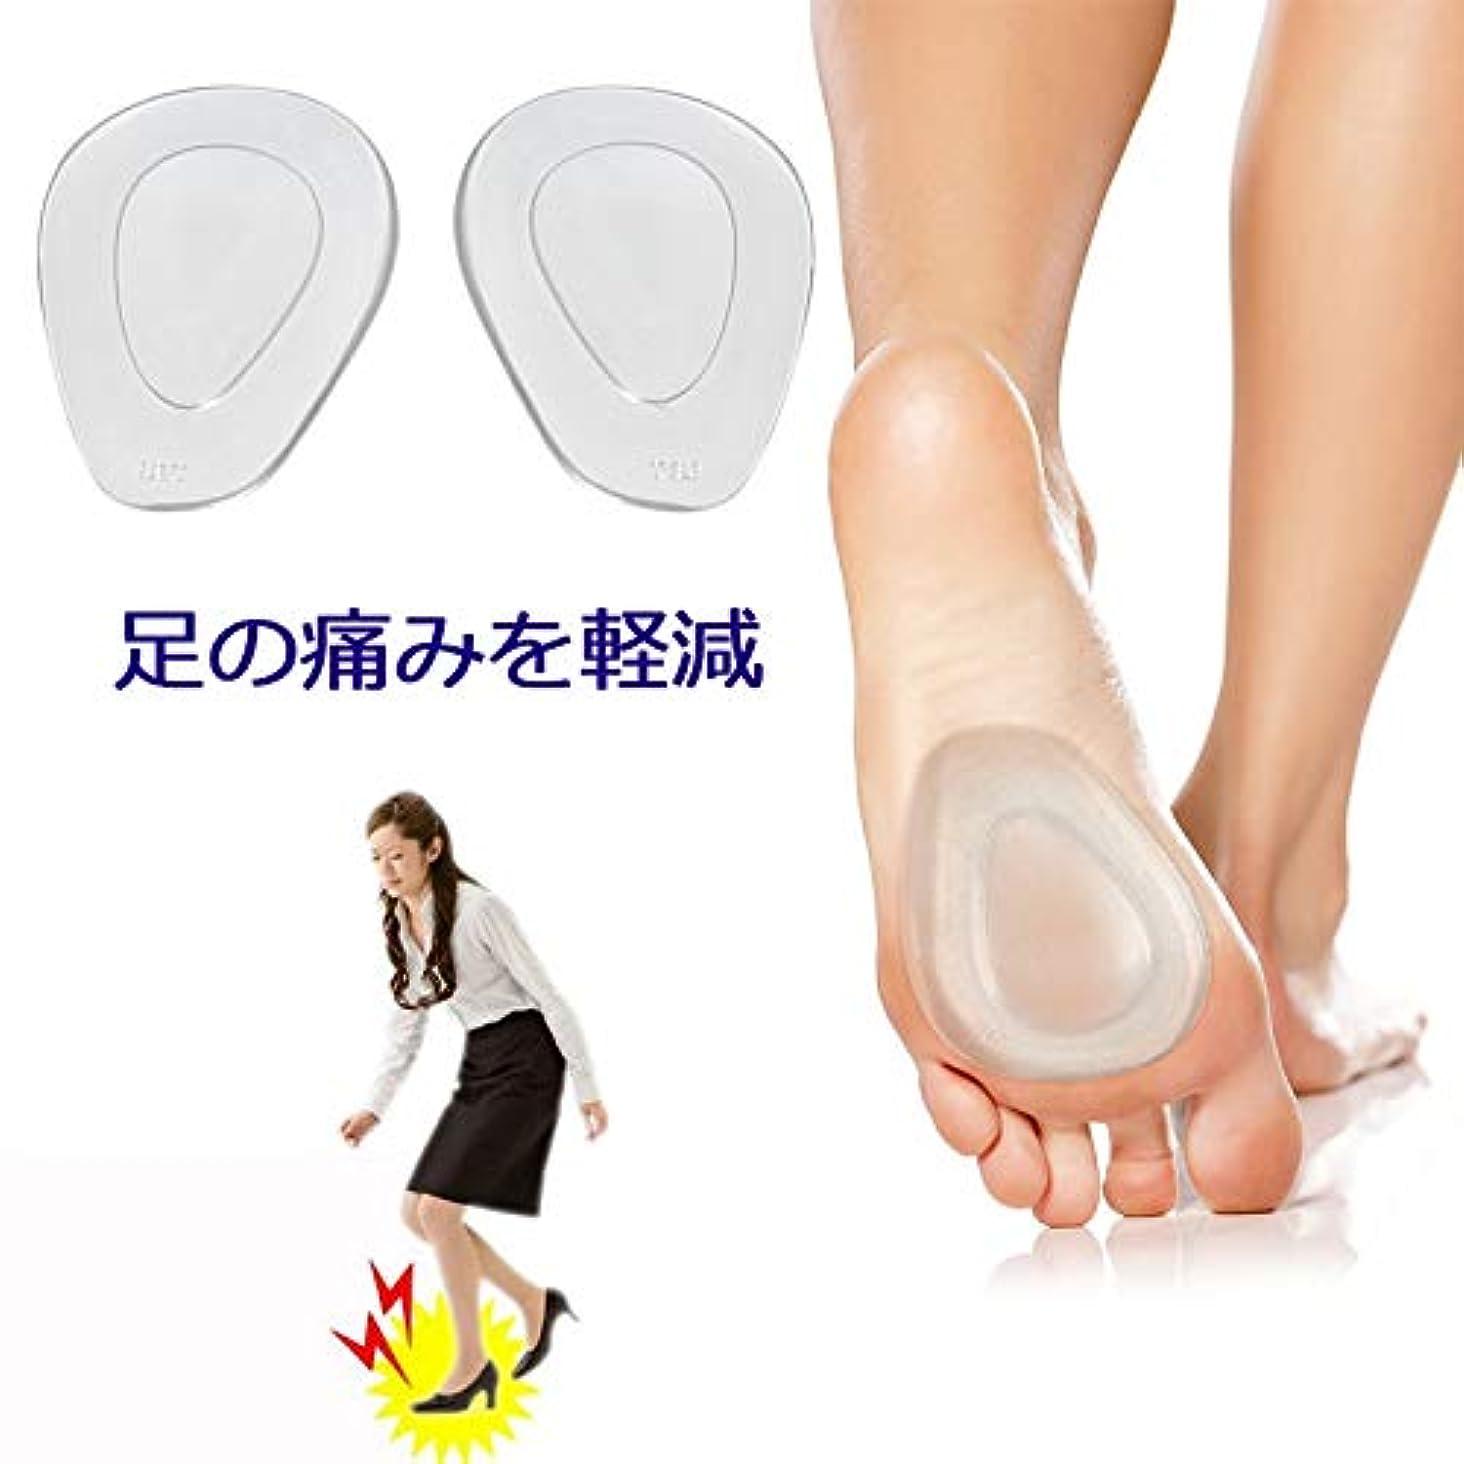 アカウント低下行為靴 インソール,透明 前ズレ防止 ジェルパッド つま先の痛み緩和 つま先の 足裏マッサージ 靴ずれ防止パッド 柔らかい つま先ジェルクッション(4枚)